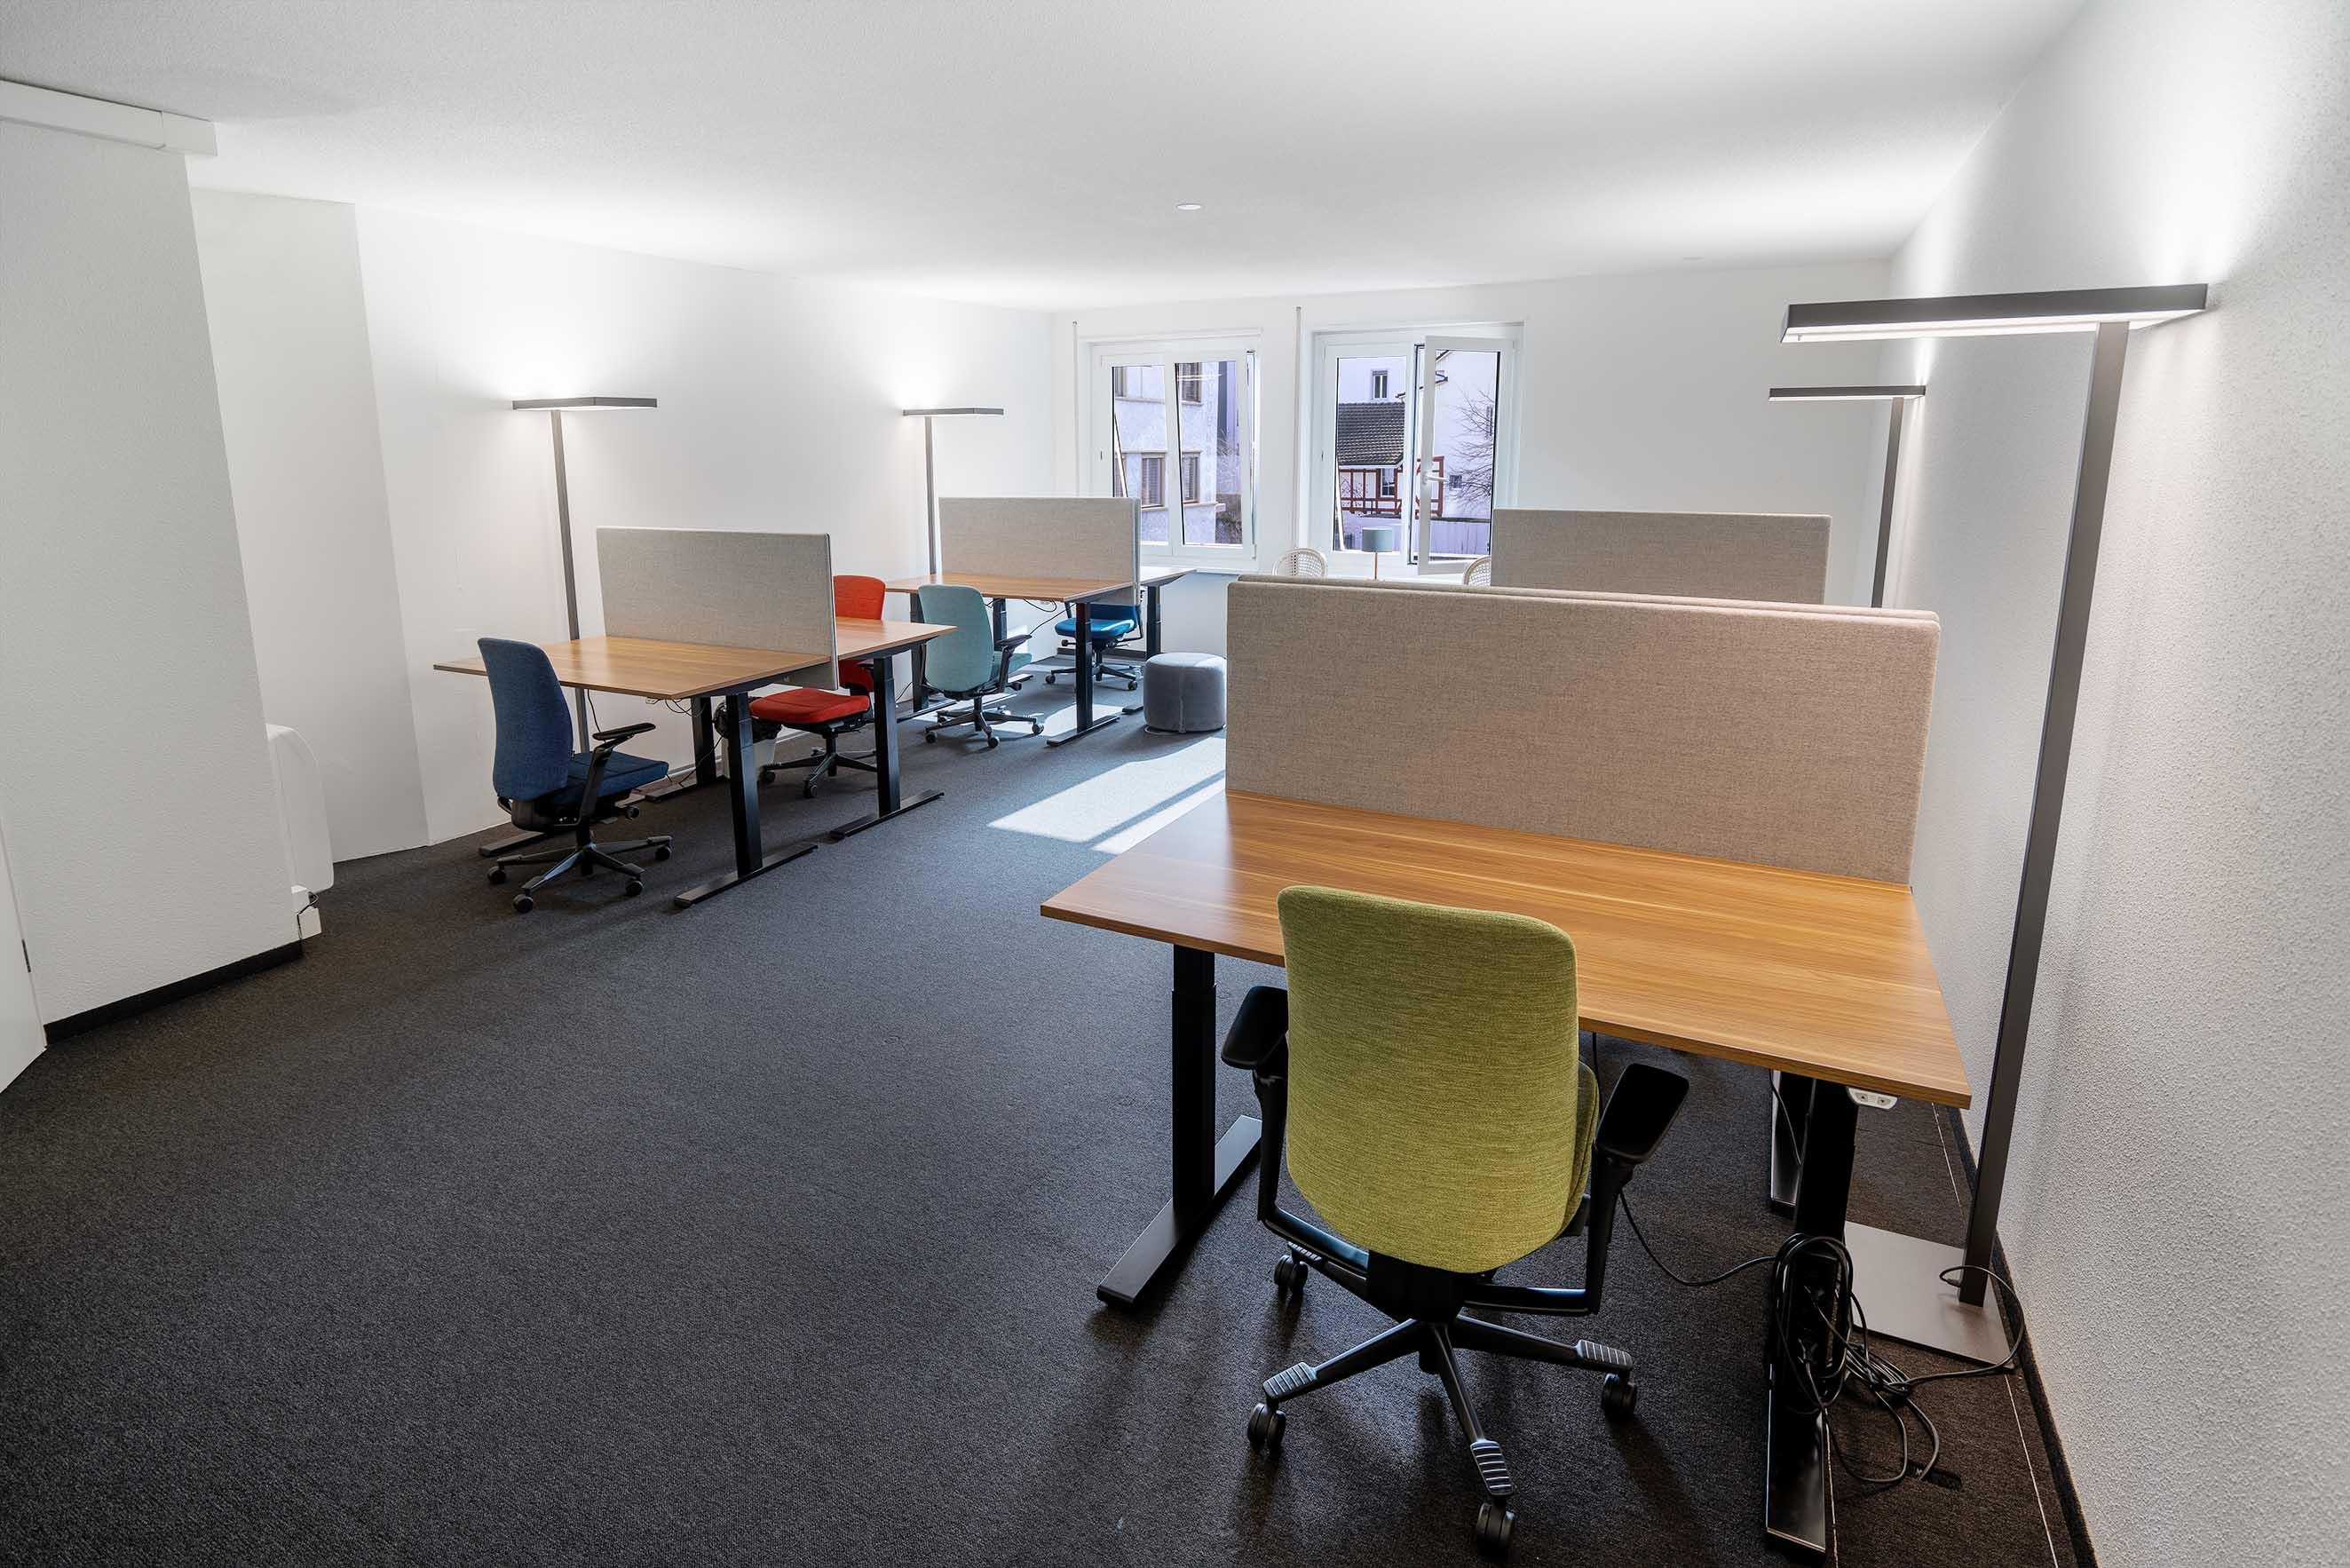 büro mit acht arbeitsplätze kurze mietdauer und komplett ausgestattet und eingerichtet. coworking in zürich, büro mieten